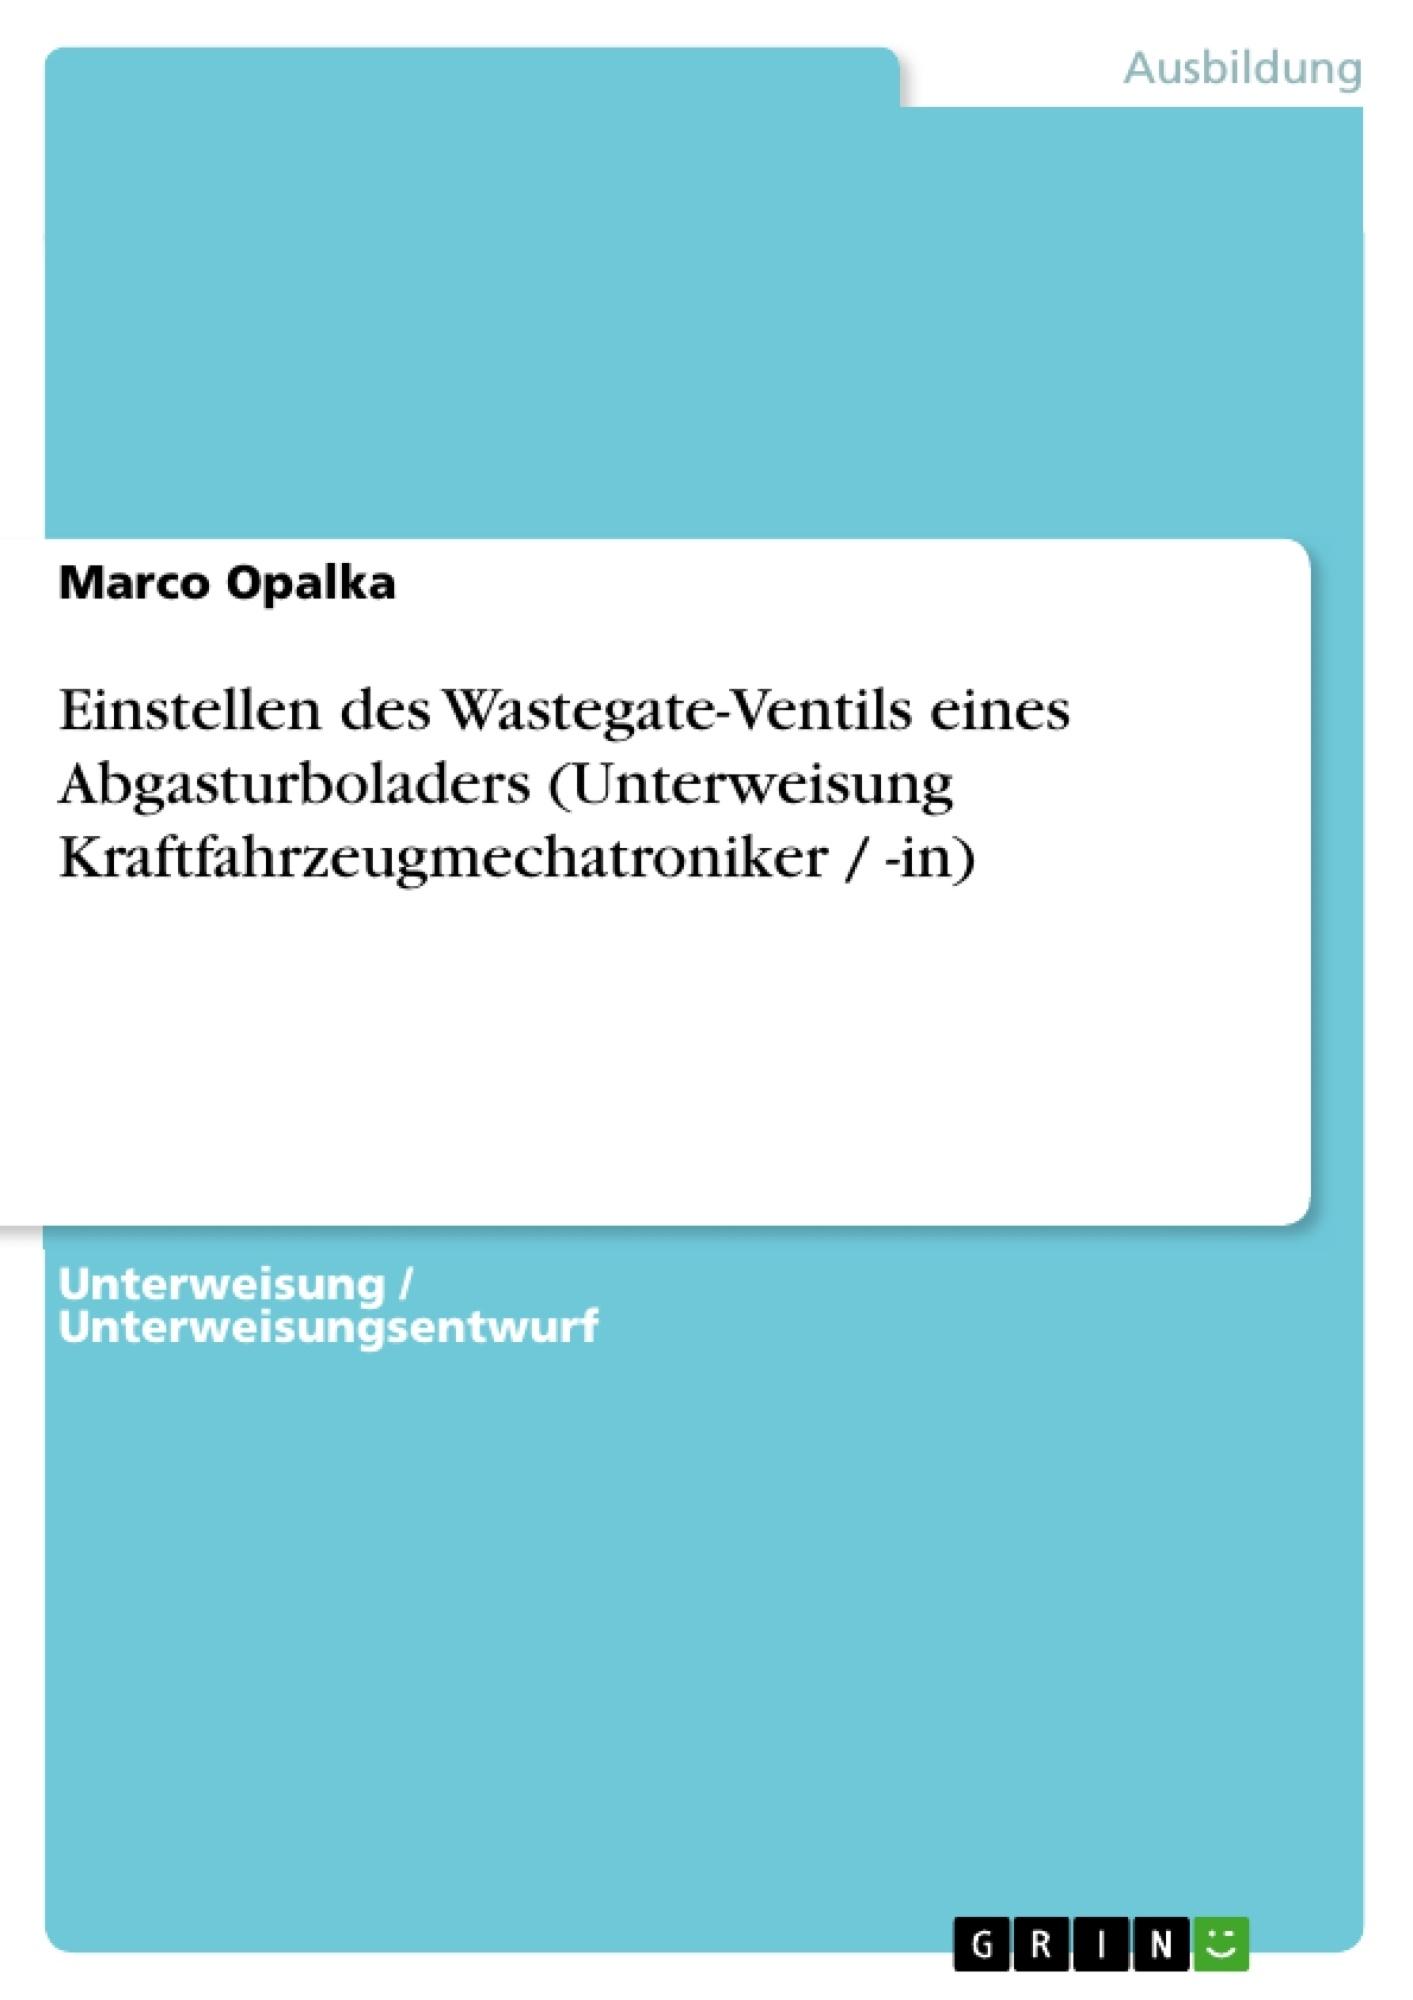 Titel: Einstellen des Wastegate-Ventils eines Abgasturboladers (Unterweisung Kraftfahrzeugmechatroniker / -in)